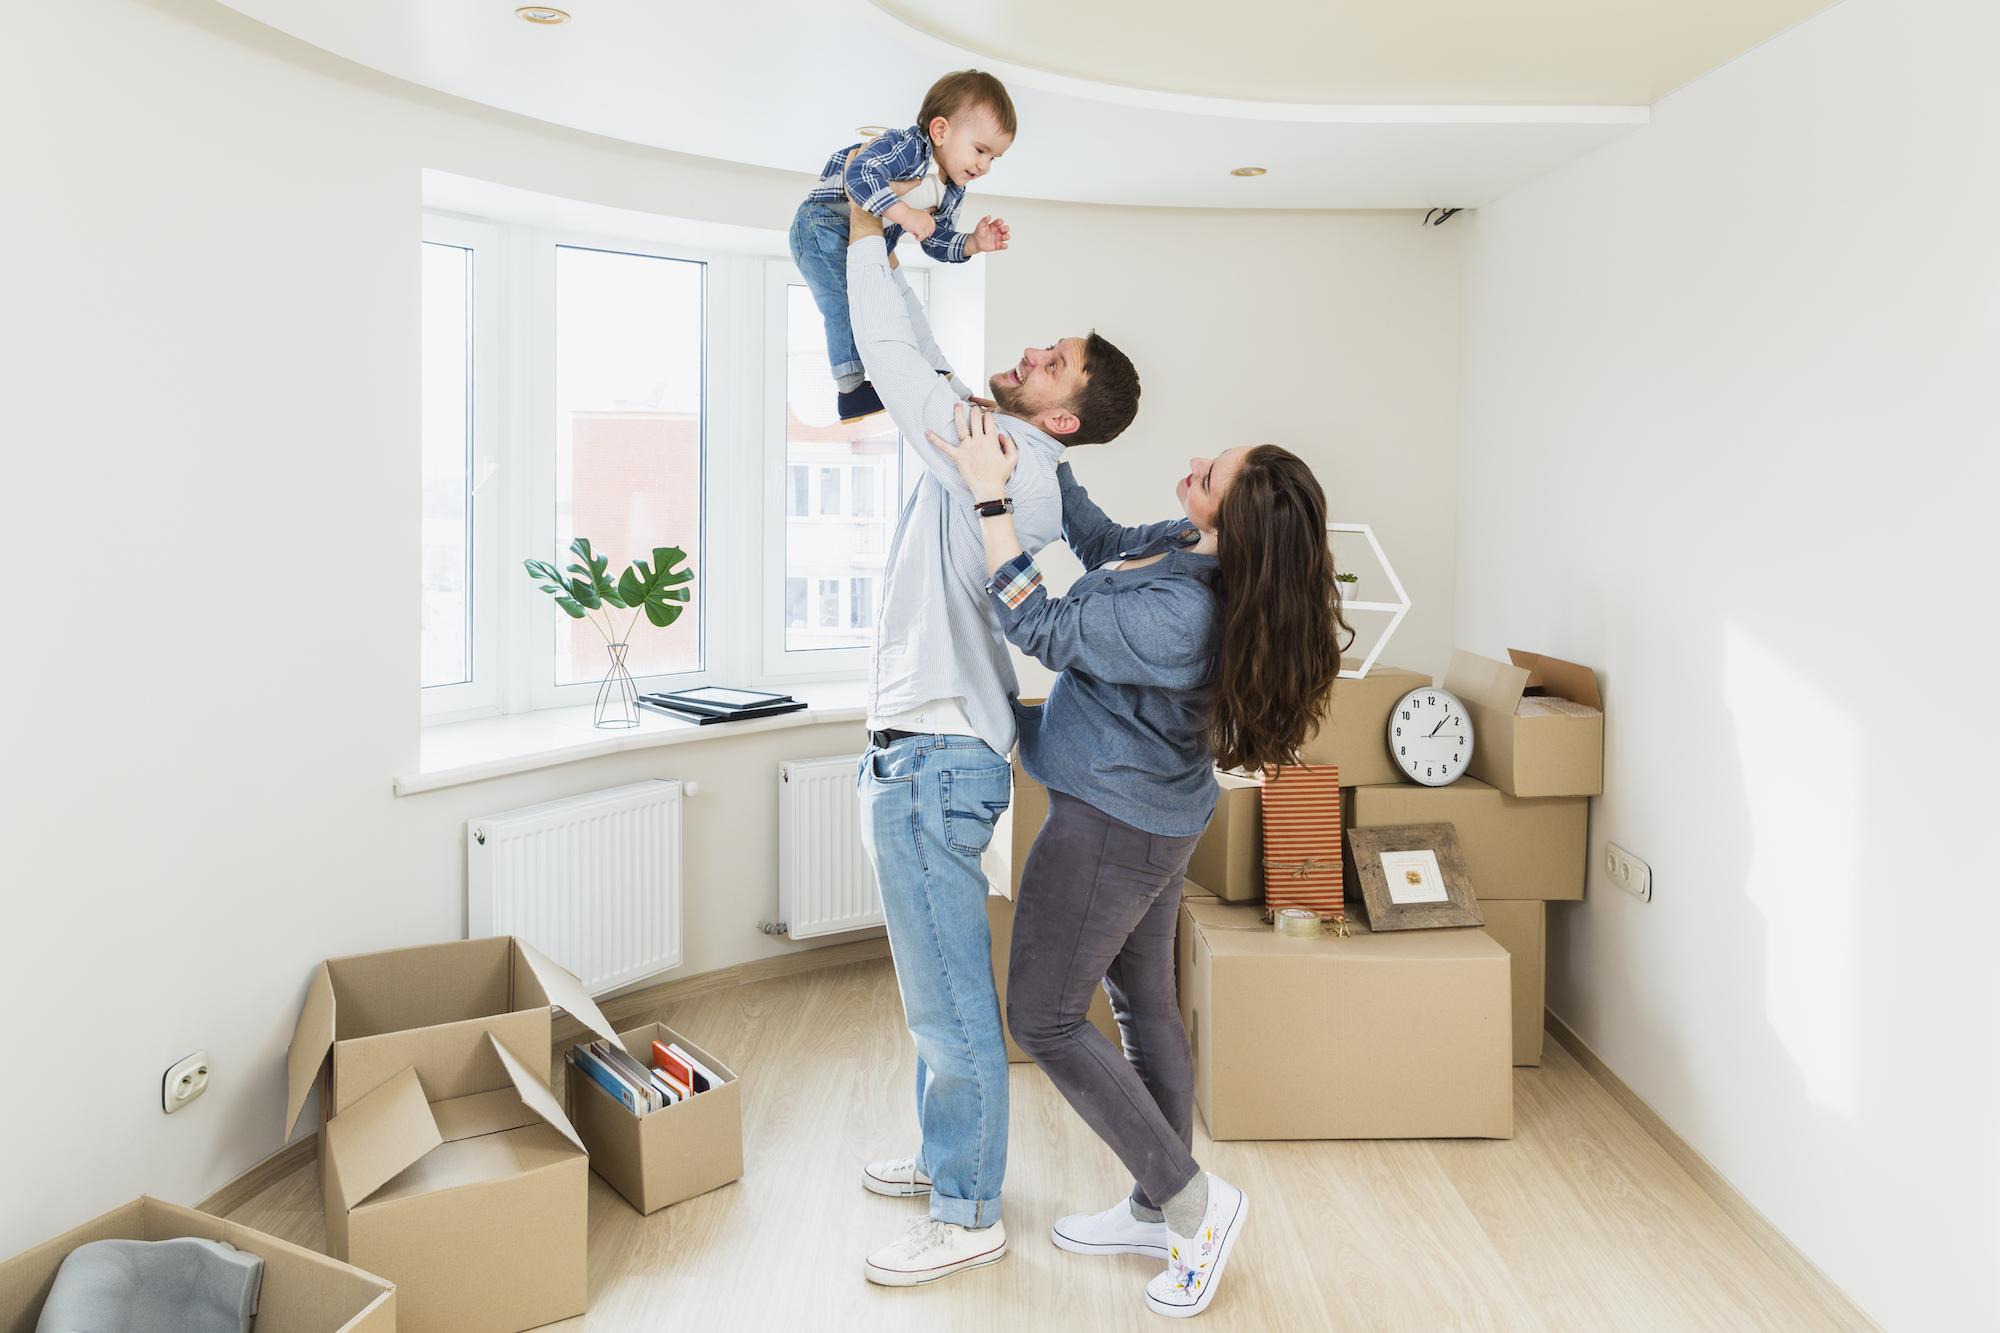 come evitare un pignoramento della casa